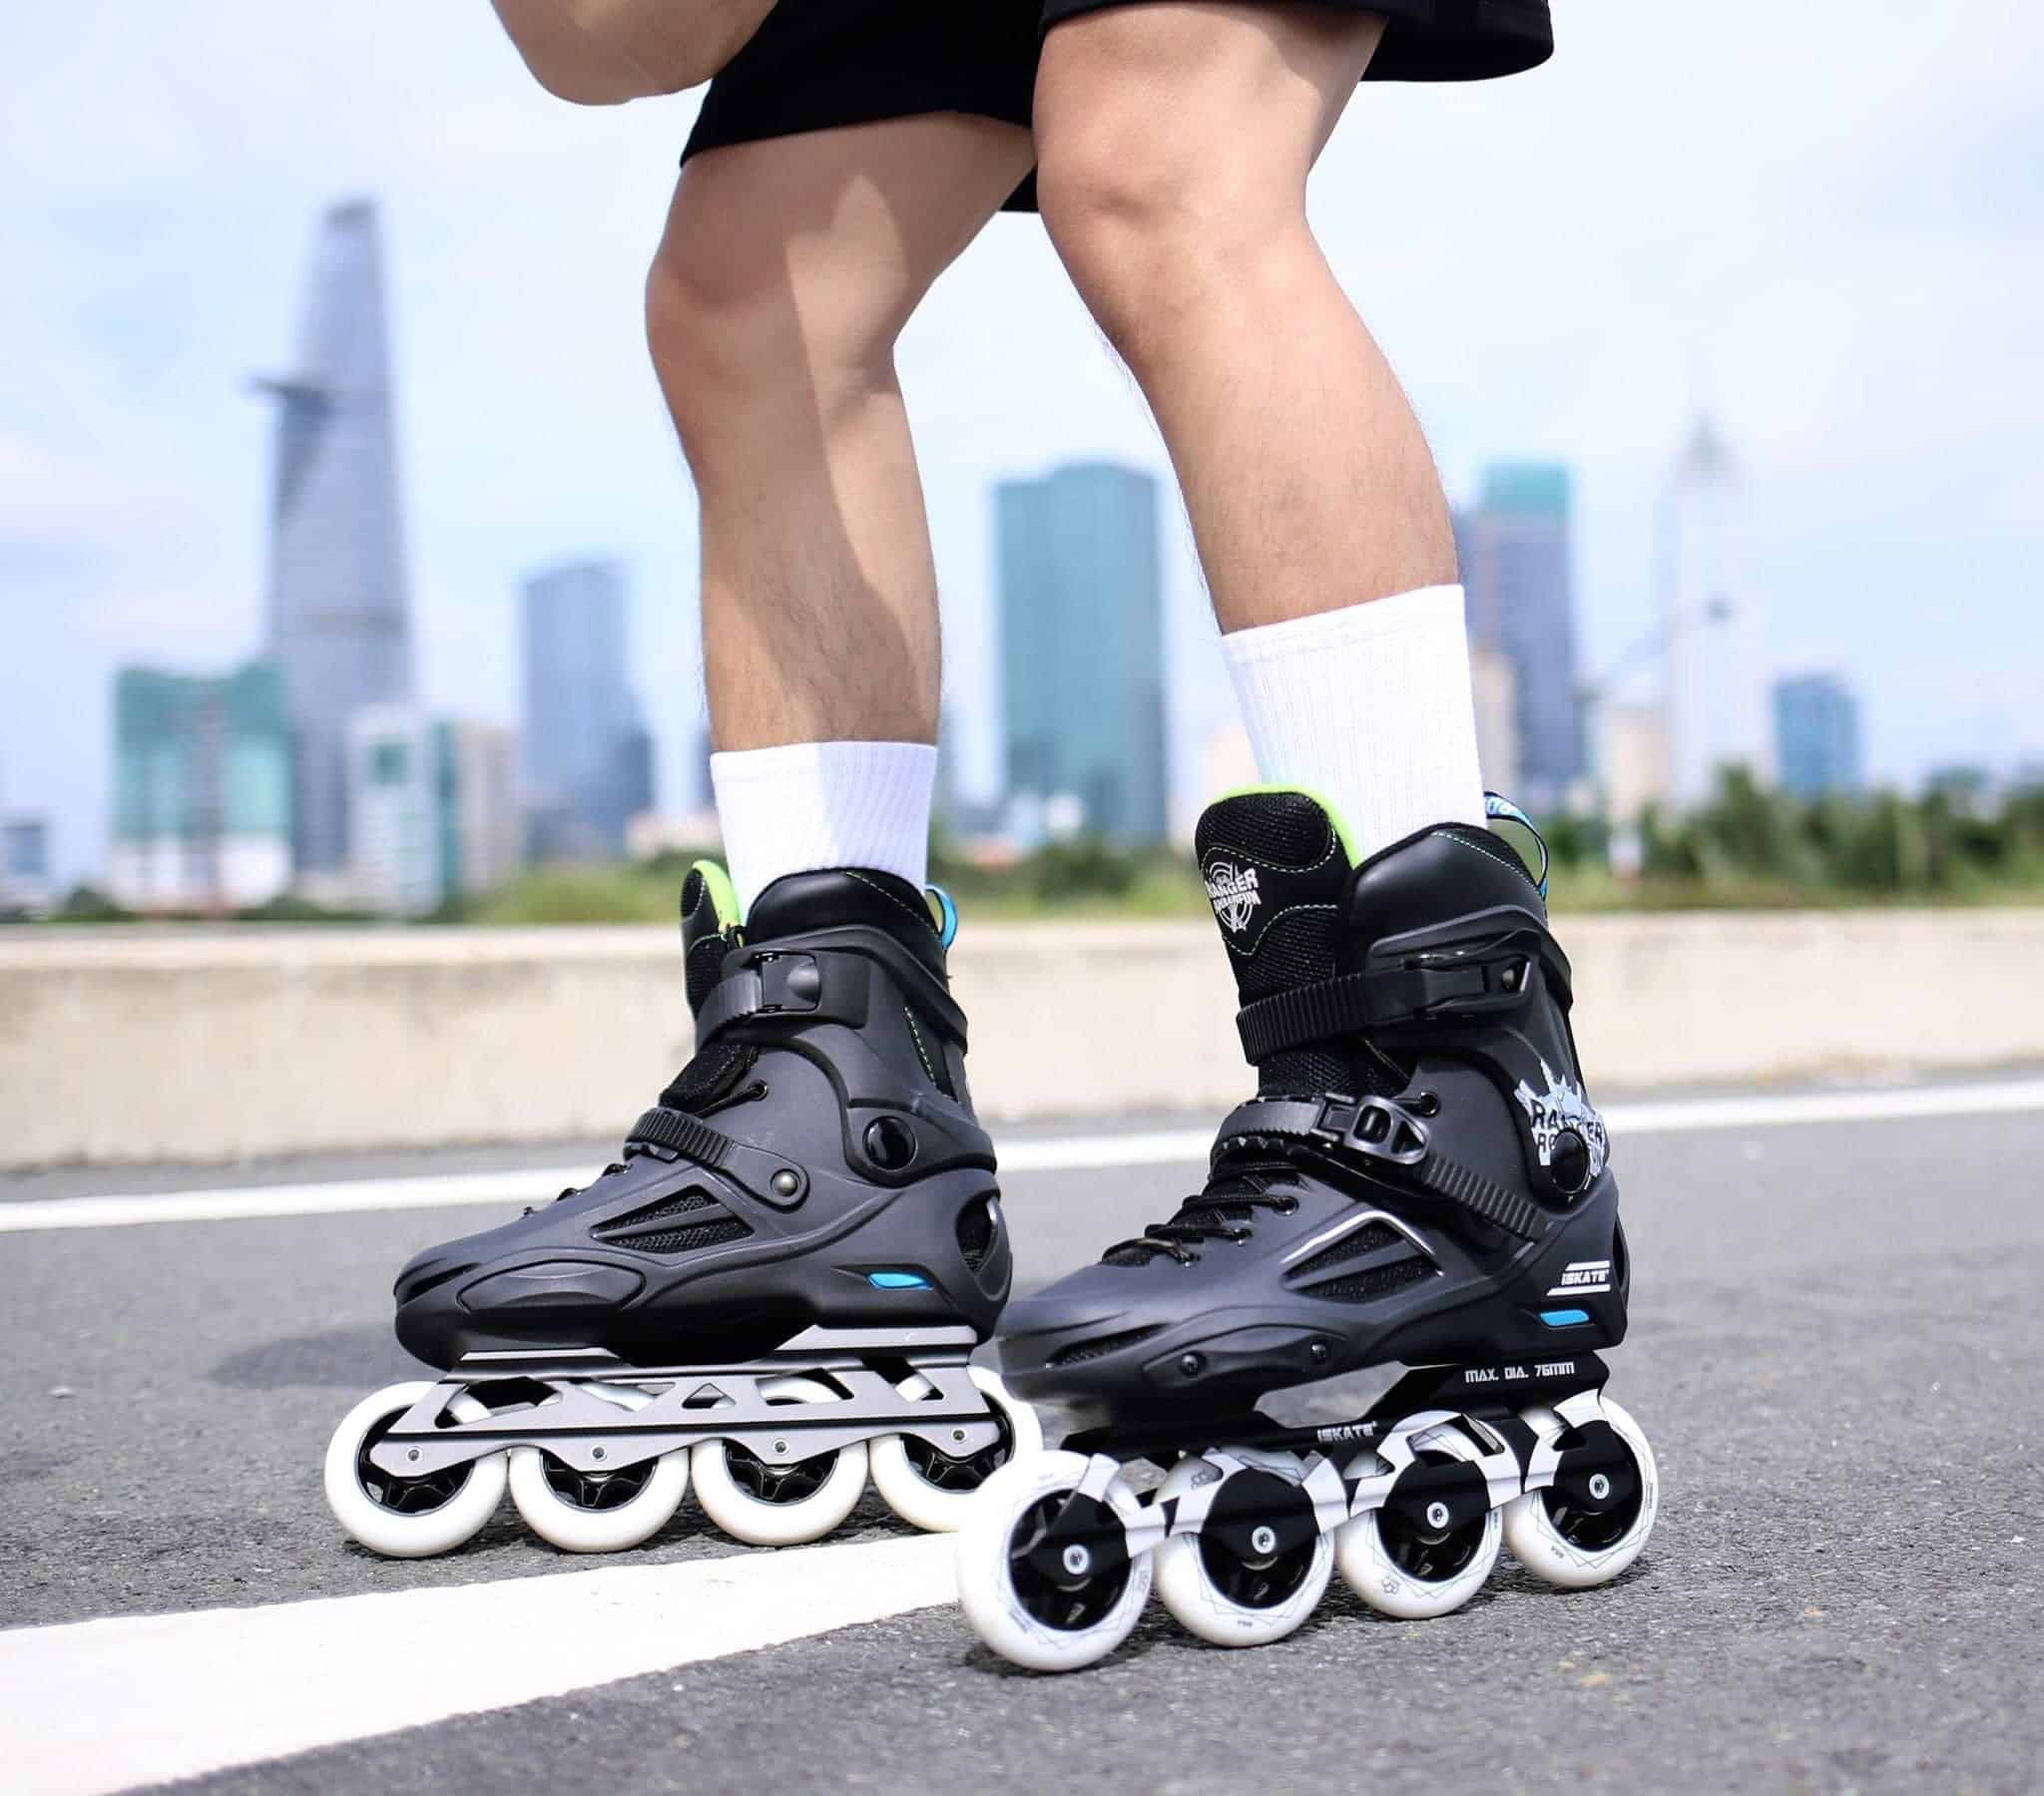 Giày patin iSkate Ranger cho người lớn giá rẻ